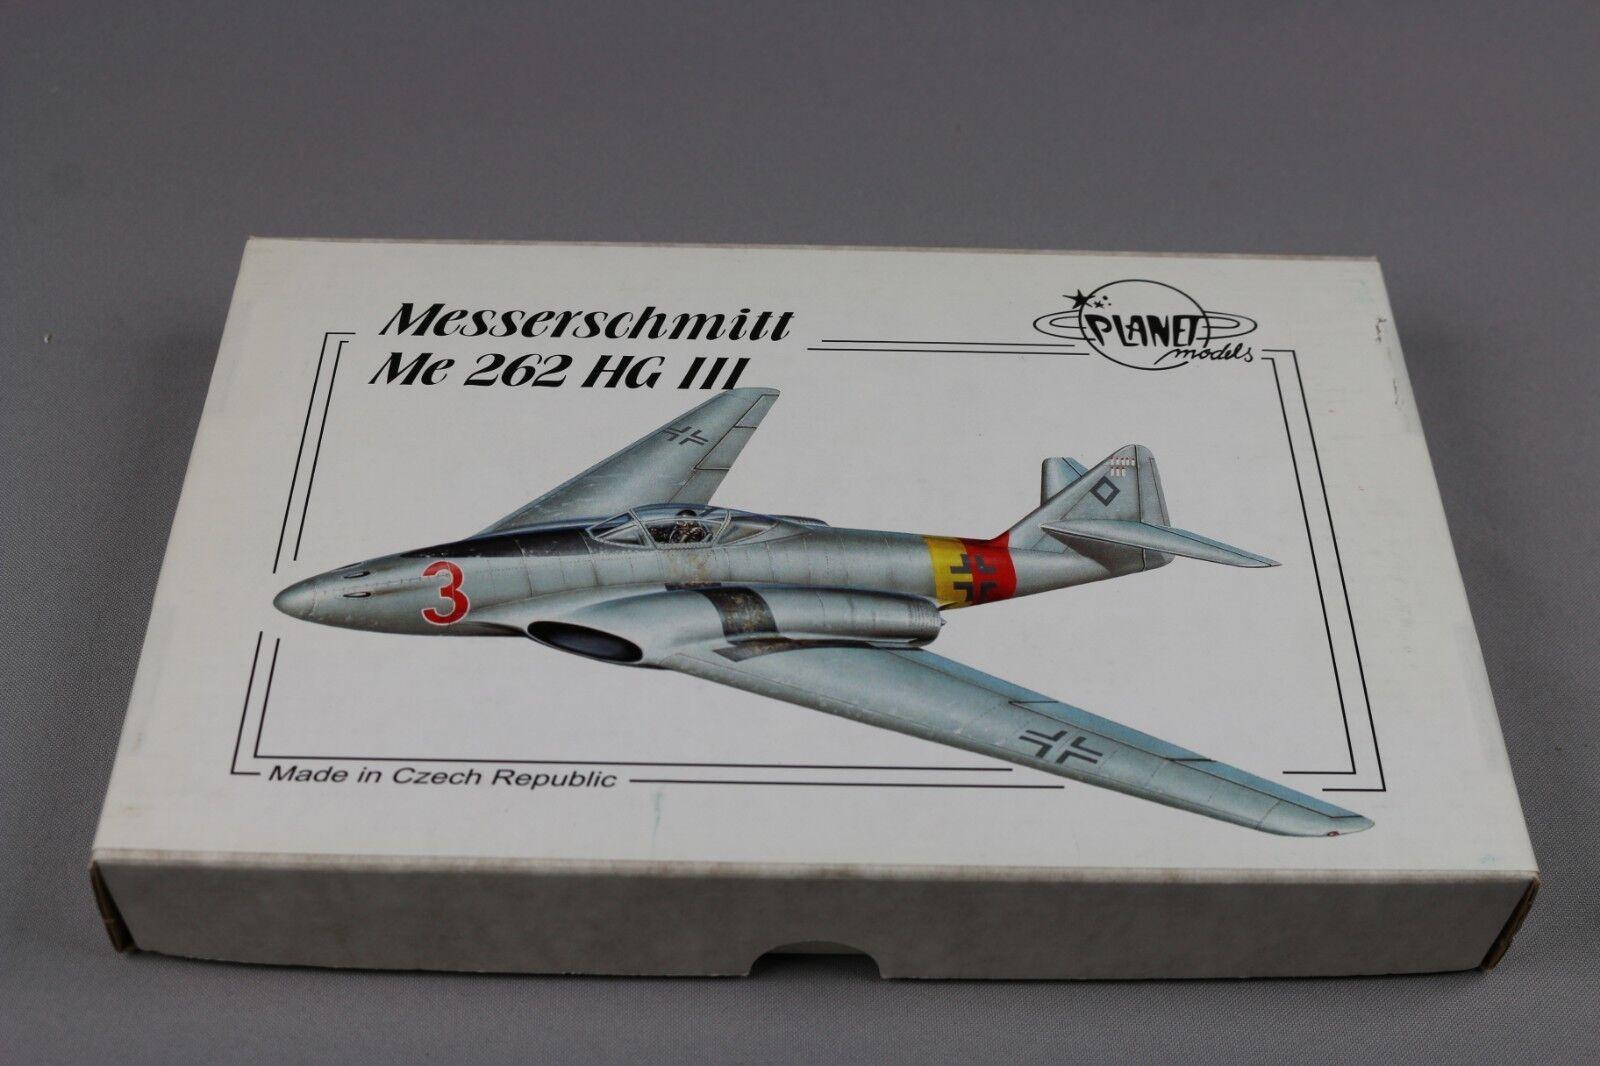 ZF863 Planet Model 1 72 maquette avion 131 Messerschmitt Me 262 HG III Resin Kit